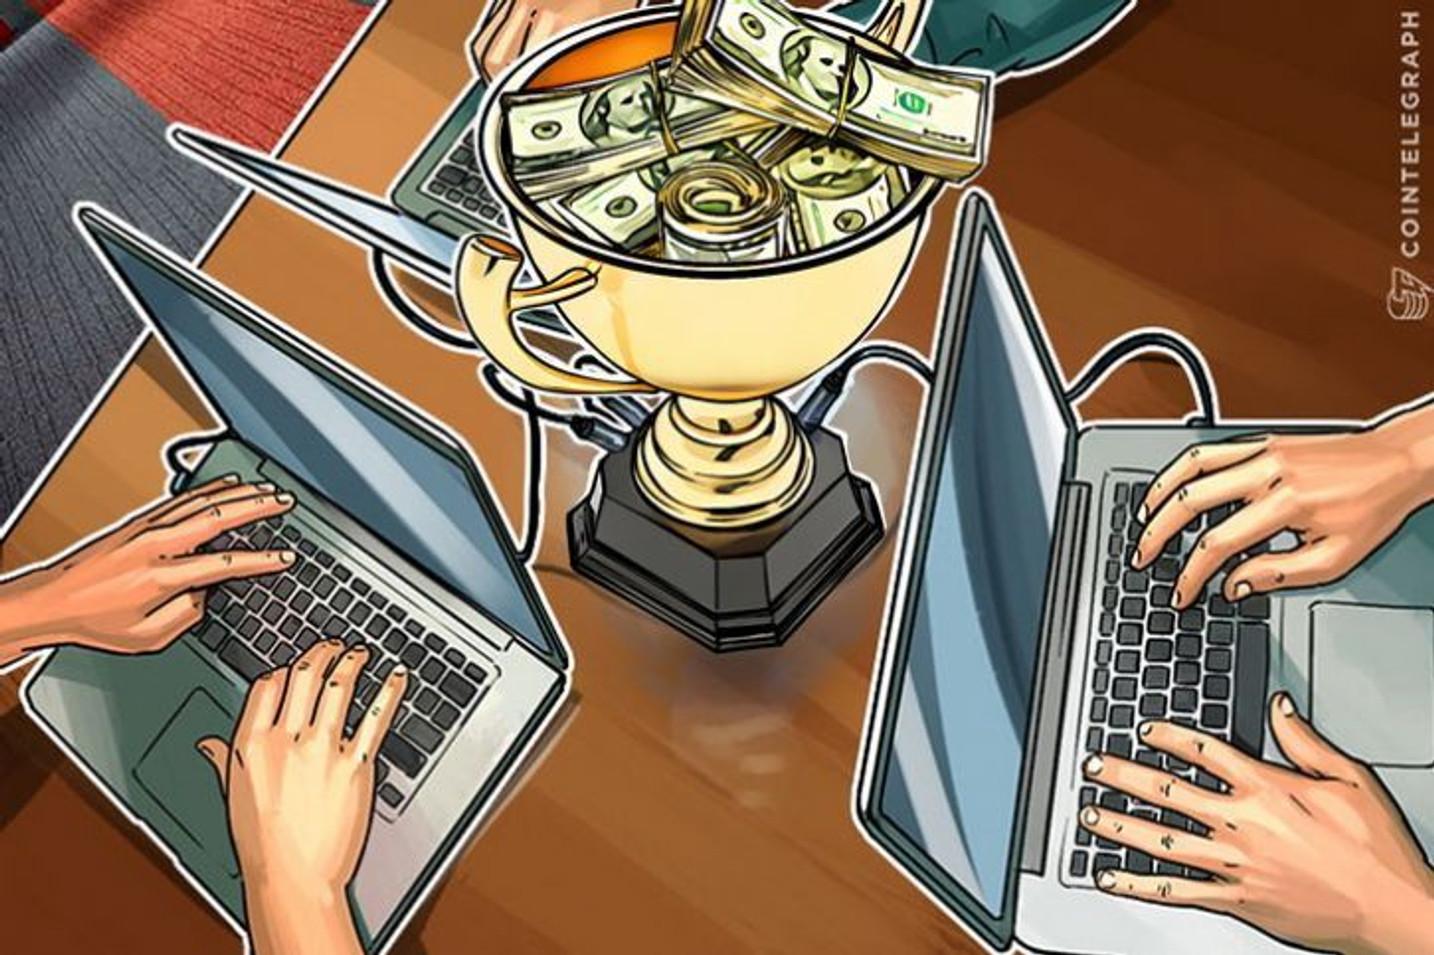 今年のGlobal Hackathonの勝者が発表に―優勝チームには28,000ドル相当のイーサが贈呈